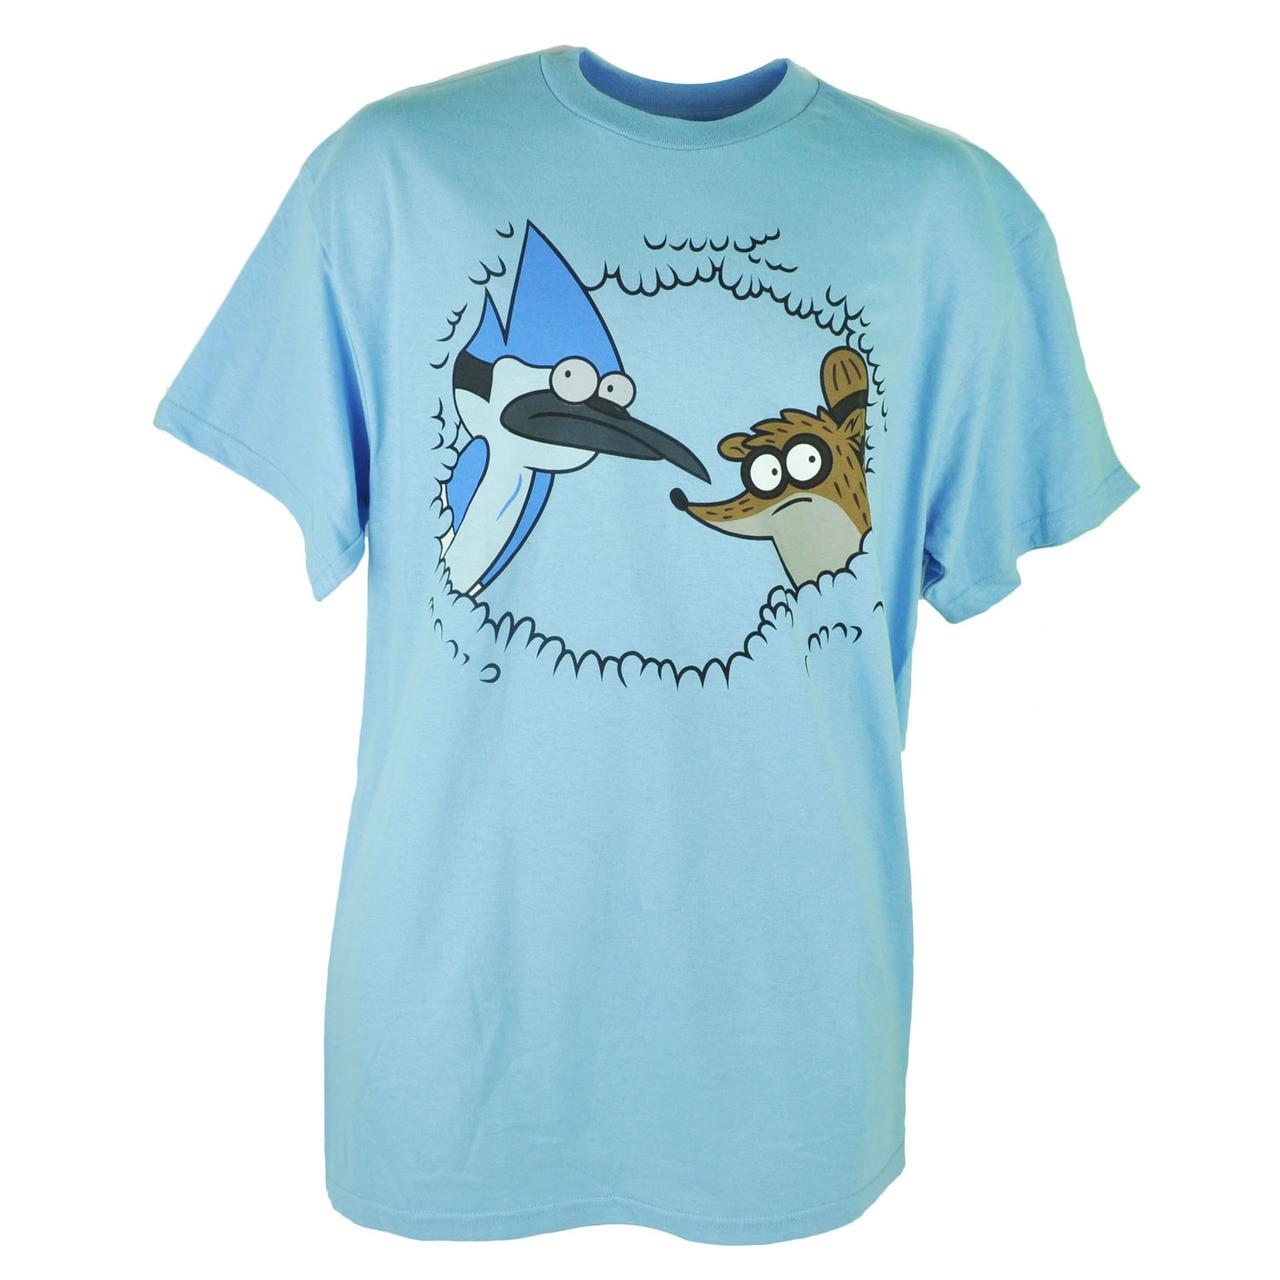 Cartoon Network Regular Show Mordecai Rigby Bush Hiding Blue Tshirt Tee